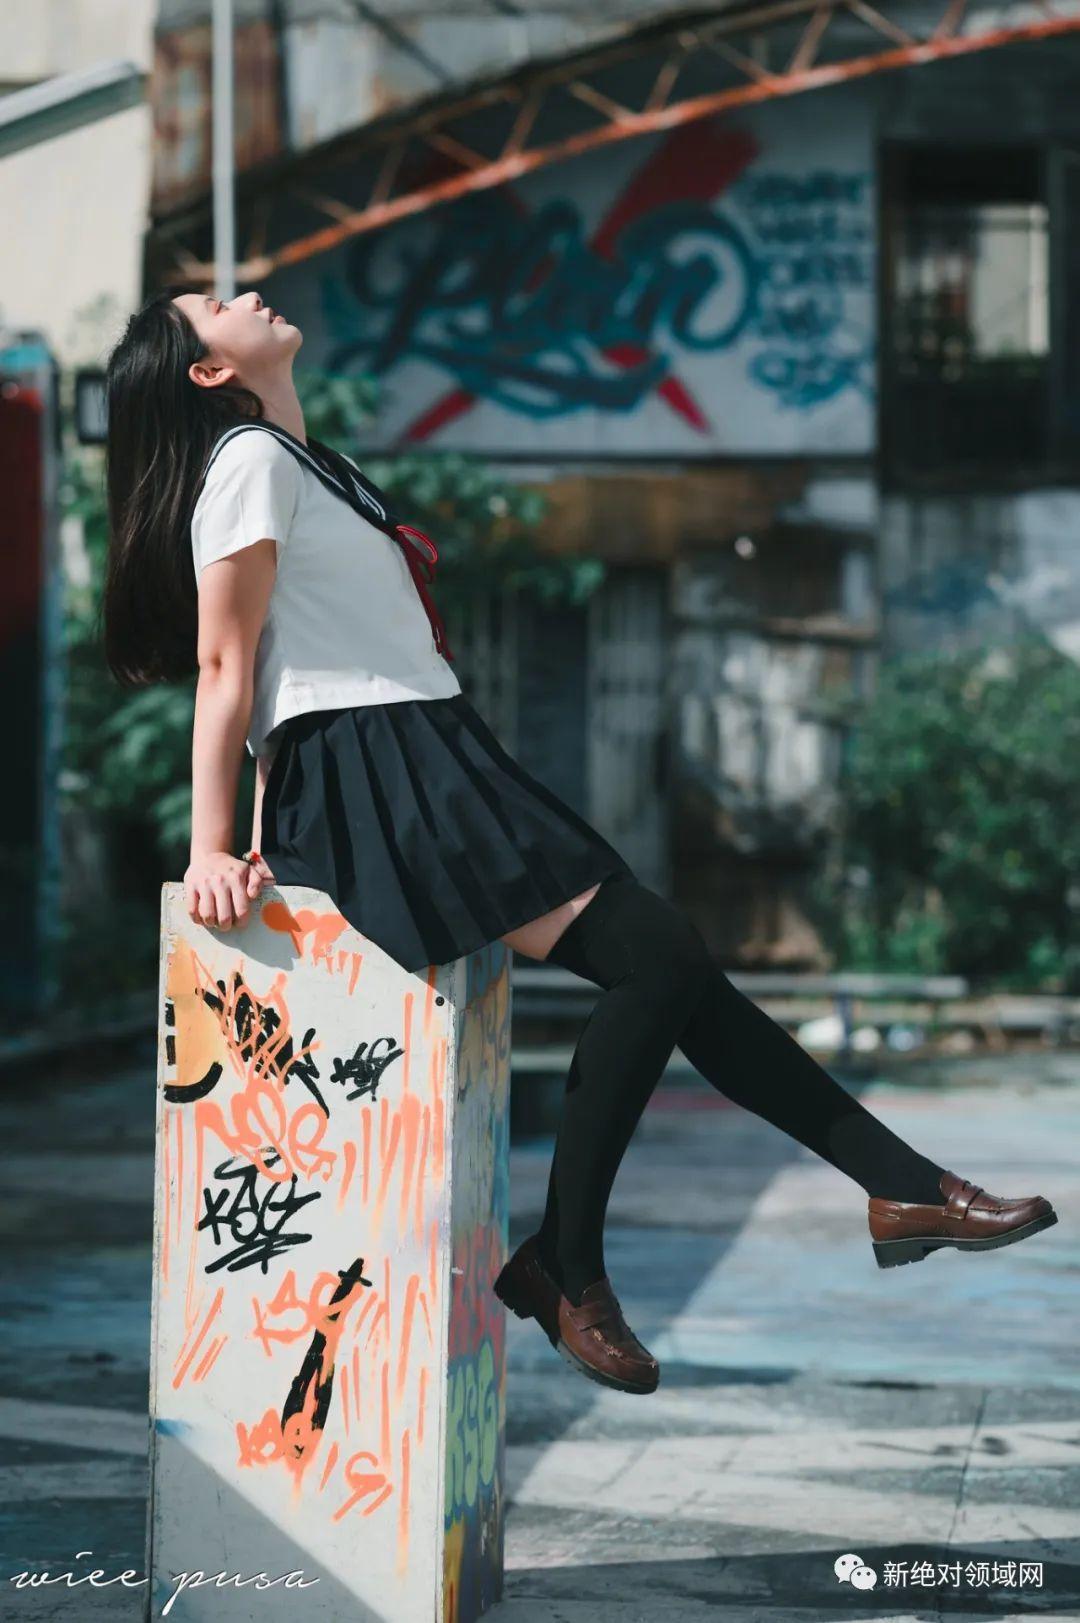 妹子摄影 – 休闲服与JK制服都超级棒的绝色少女 绝对领域_图片 No.7